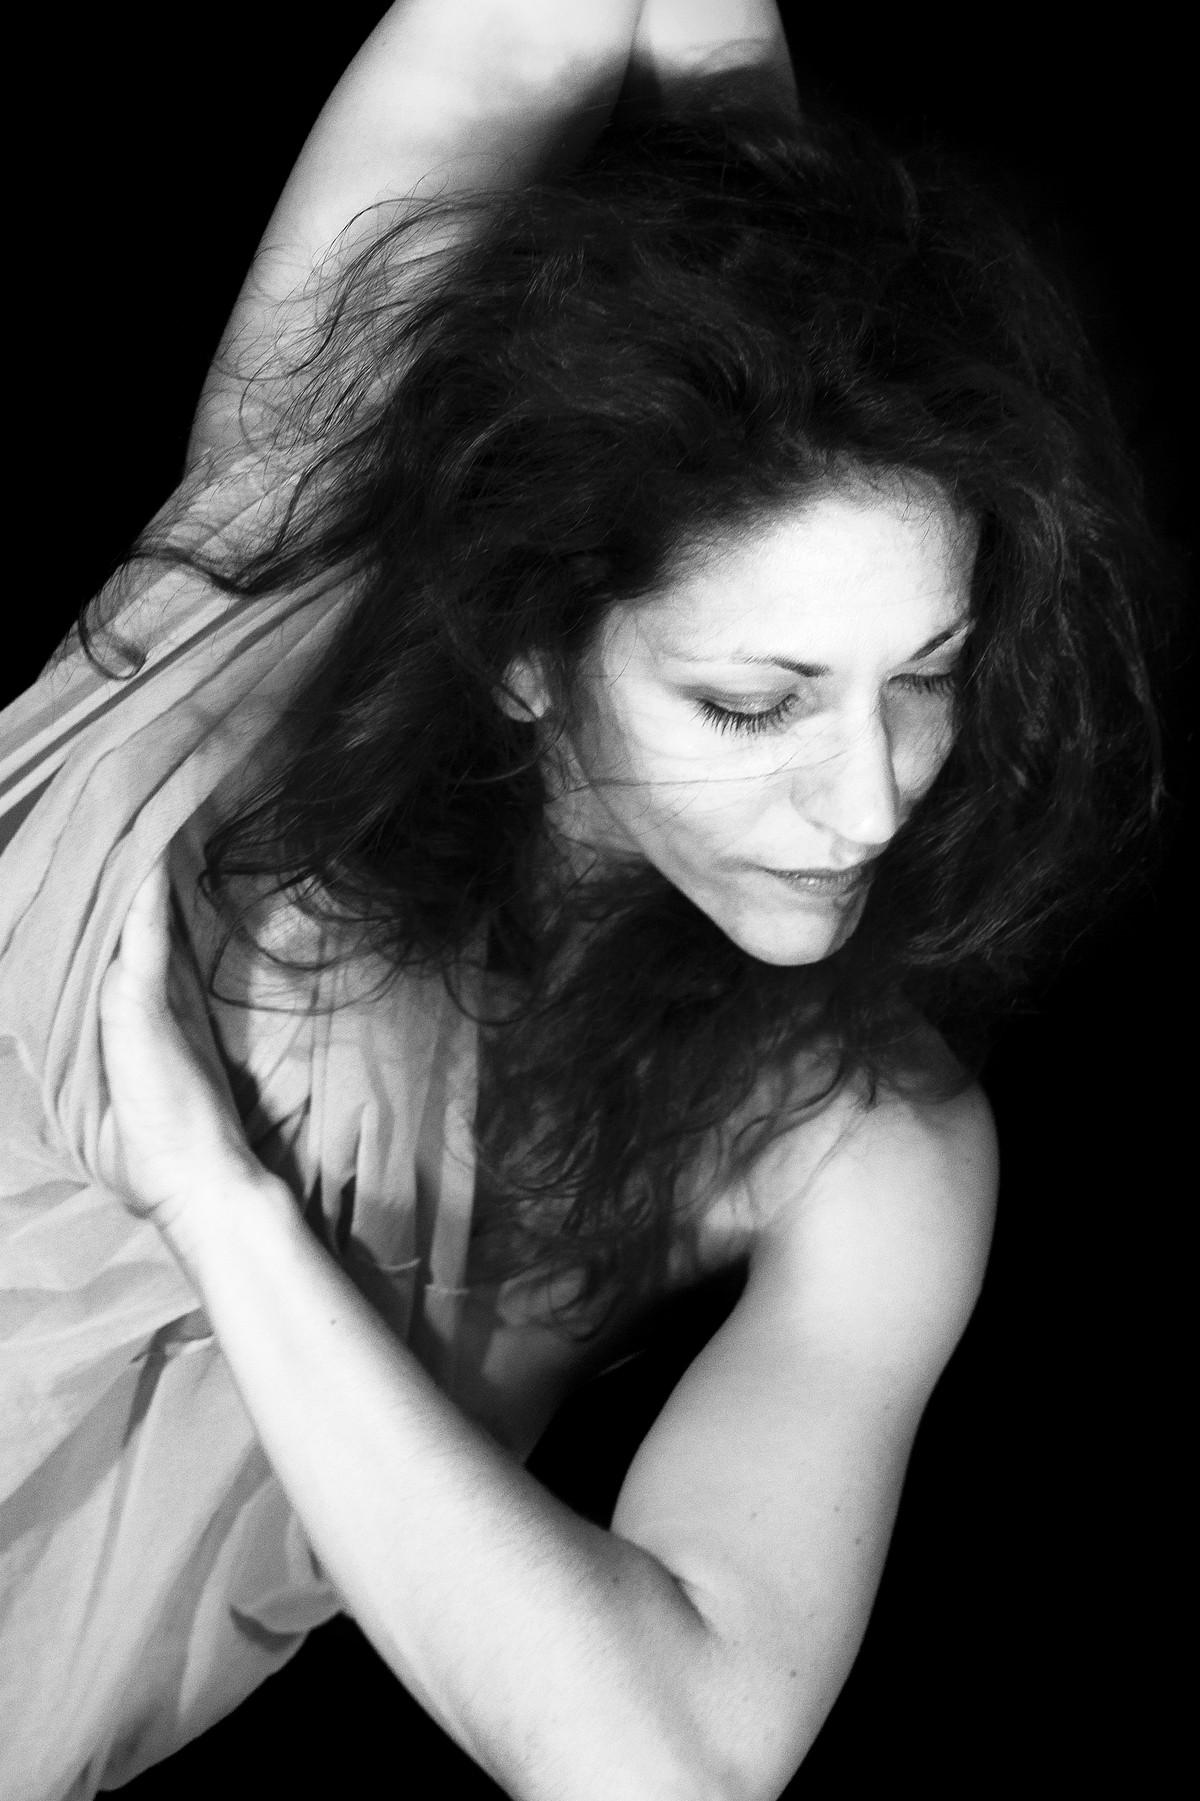 Photographe : Jean-Luc Berthiaux